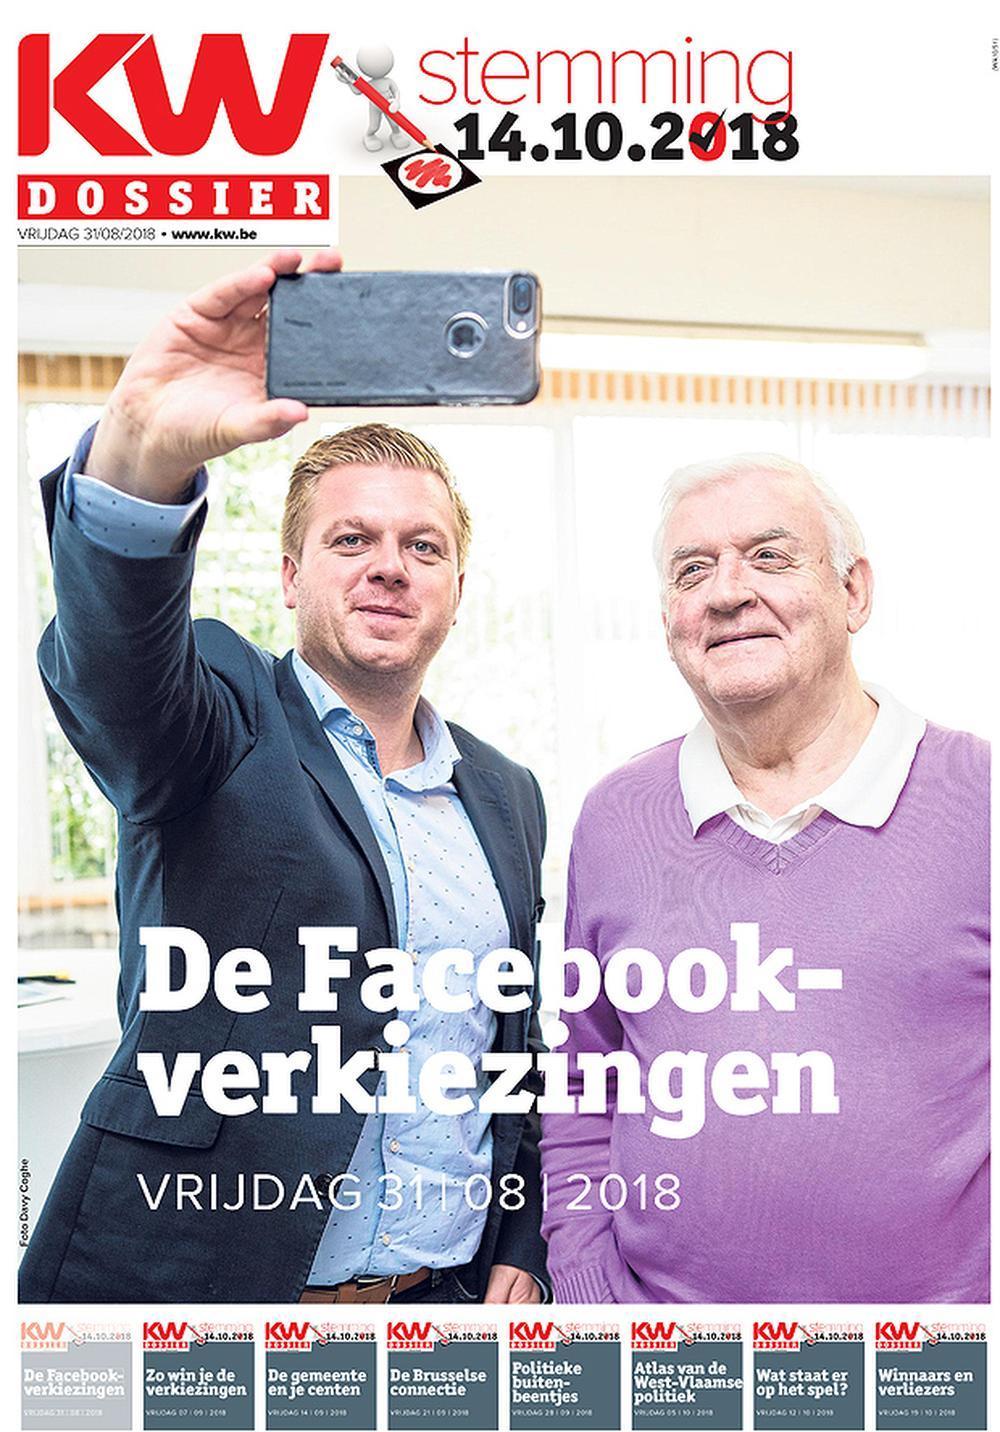 Dossier 1: De Facebookverkiezingen